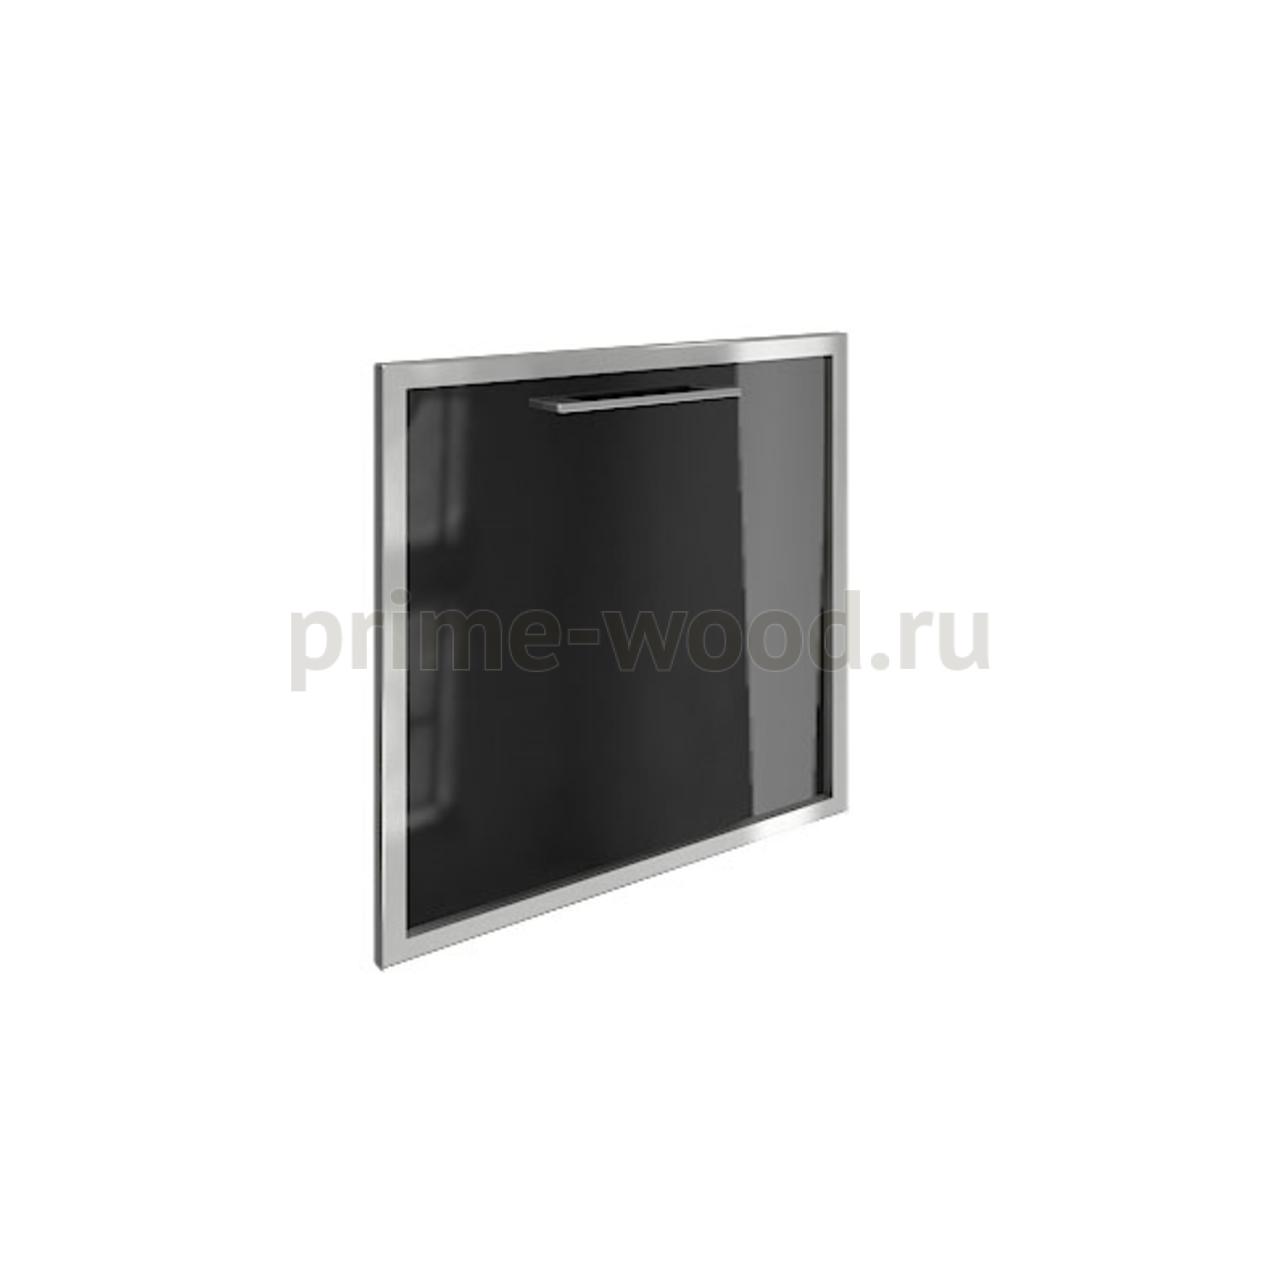 Дверь стекло рама шкаф четырехсекционный правый - фото 2